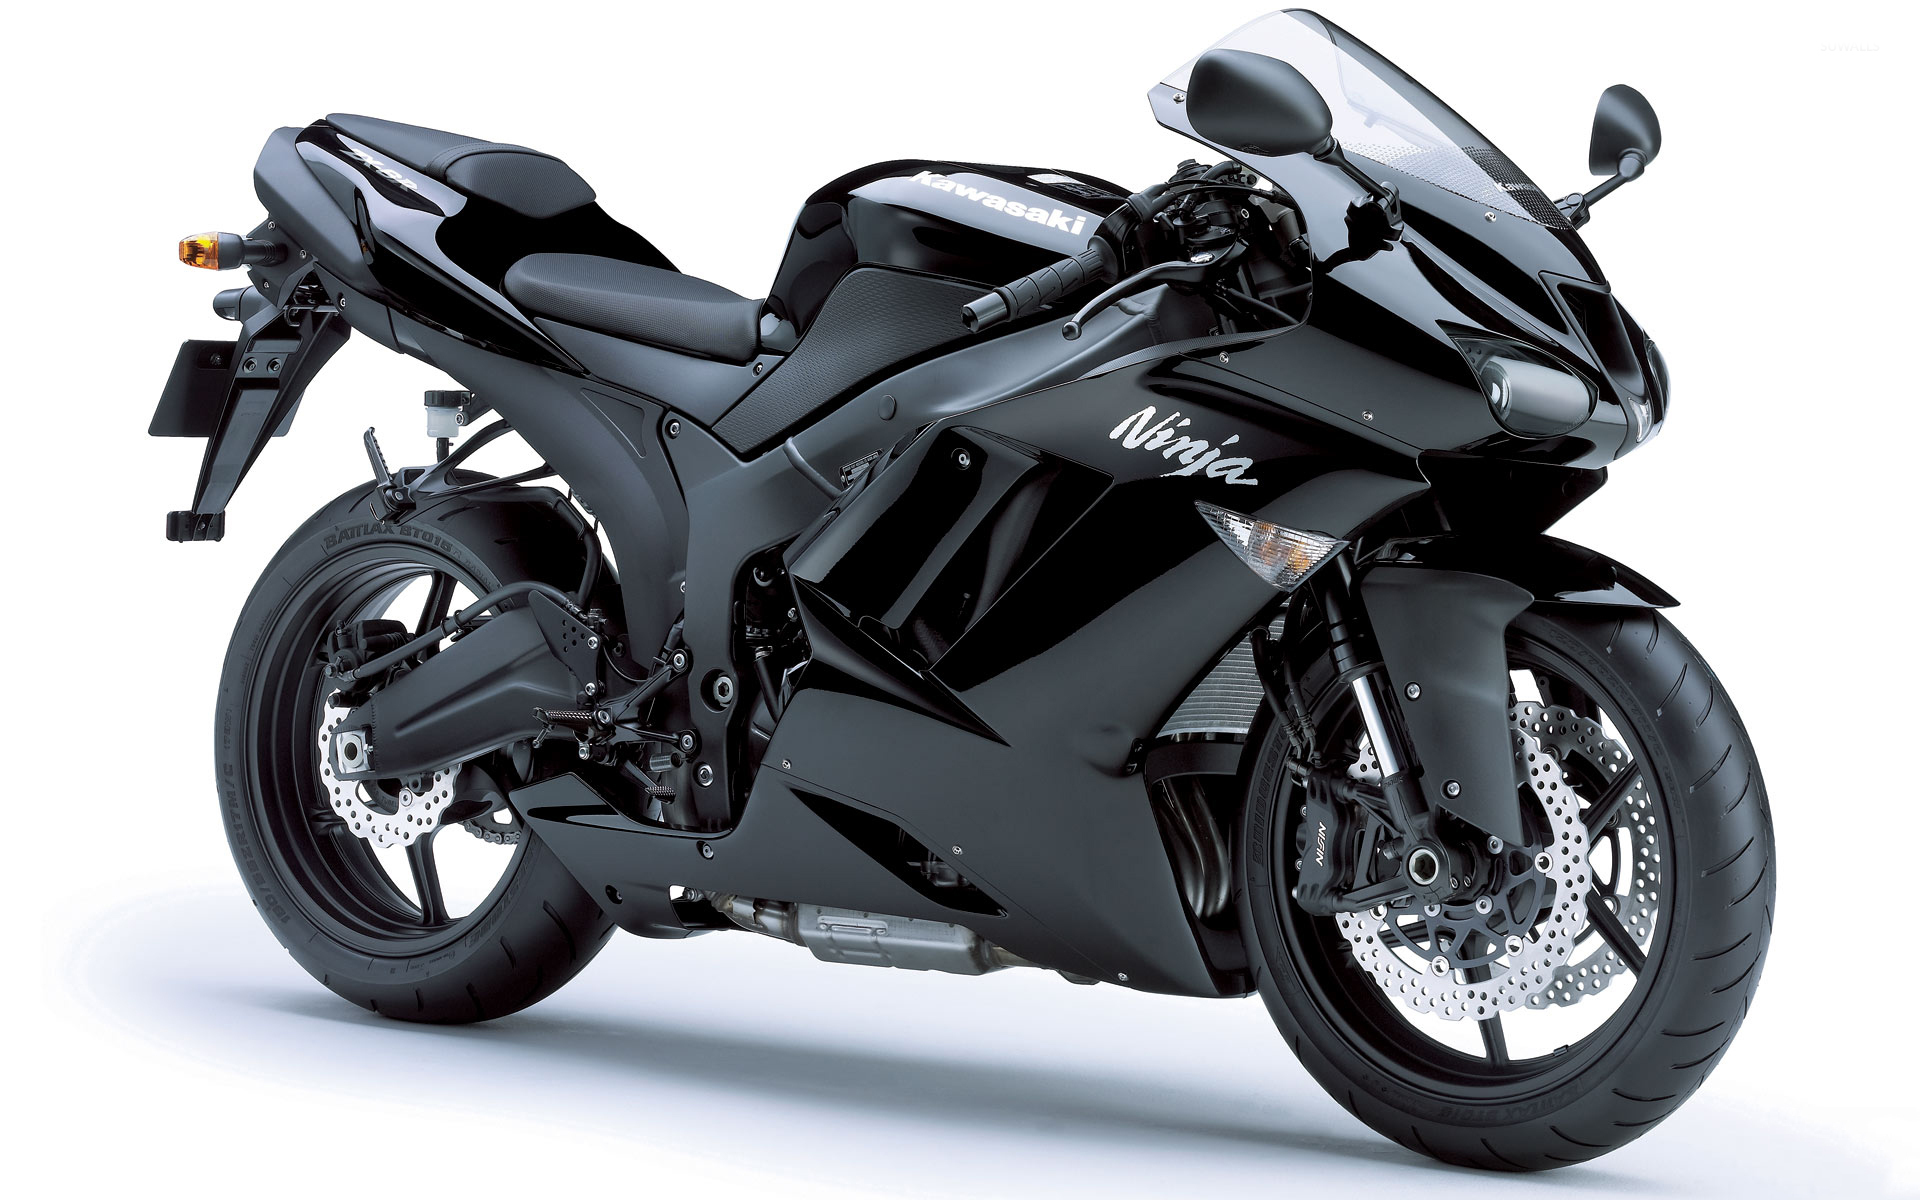 Black Kawasaki Ninja Zx 6r Wallpaper Motorcycle Wallpapers 52841